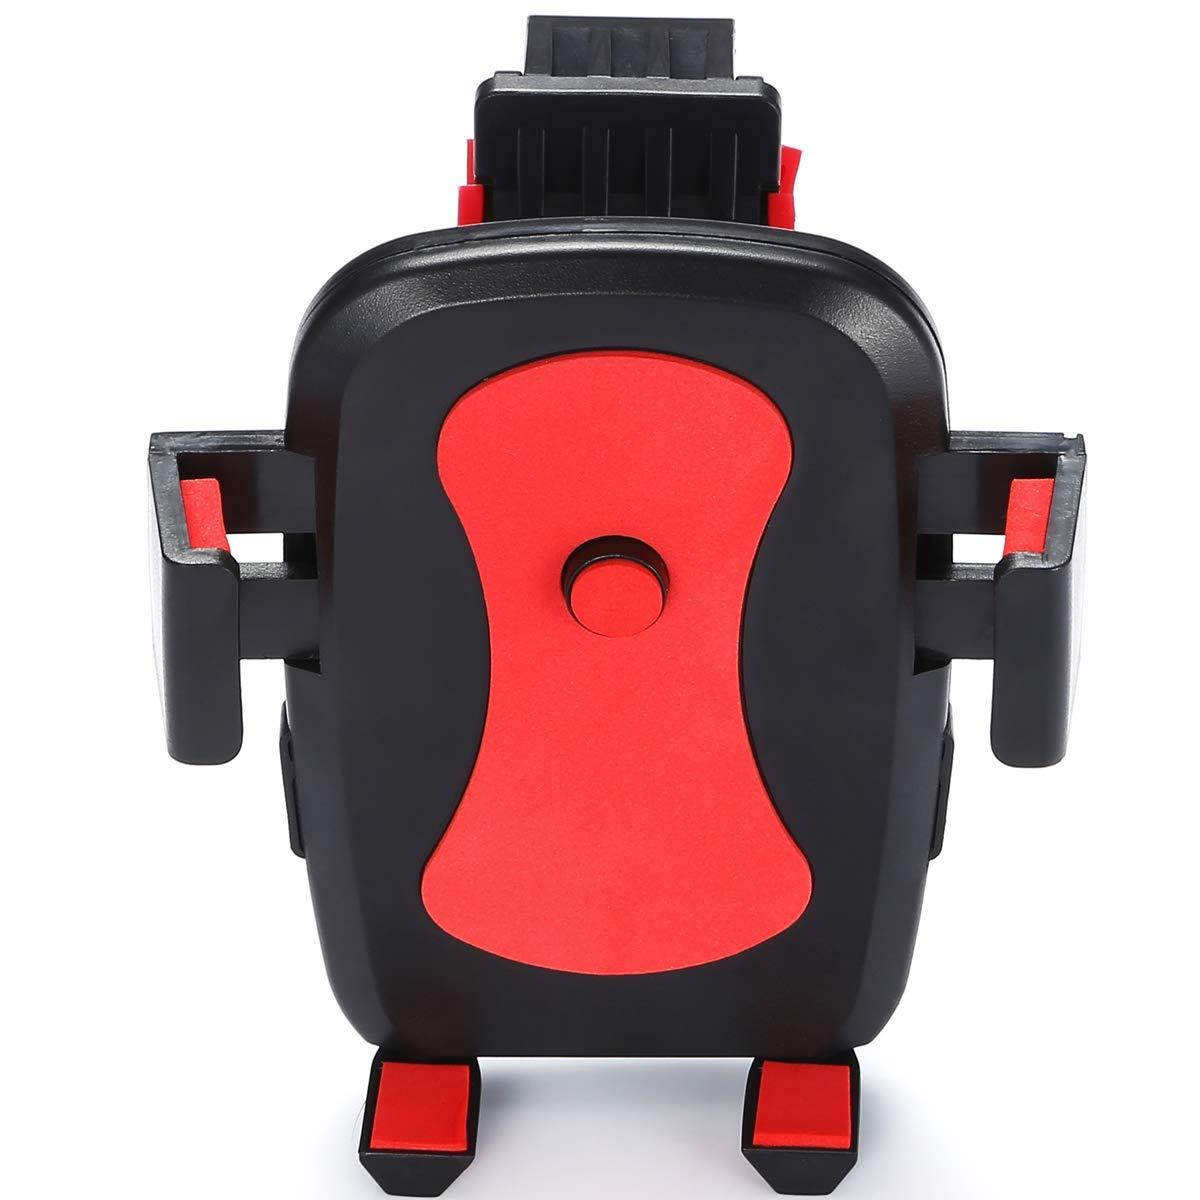 自転車 スマホホルダー バイク ステント マウント 360度調節 振れ止め 脱落防止 スマホ 携帯 固定用 GPS MP4 MP5